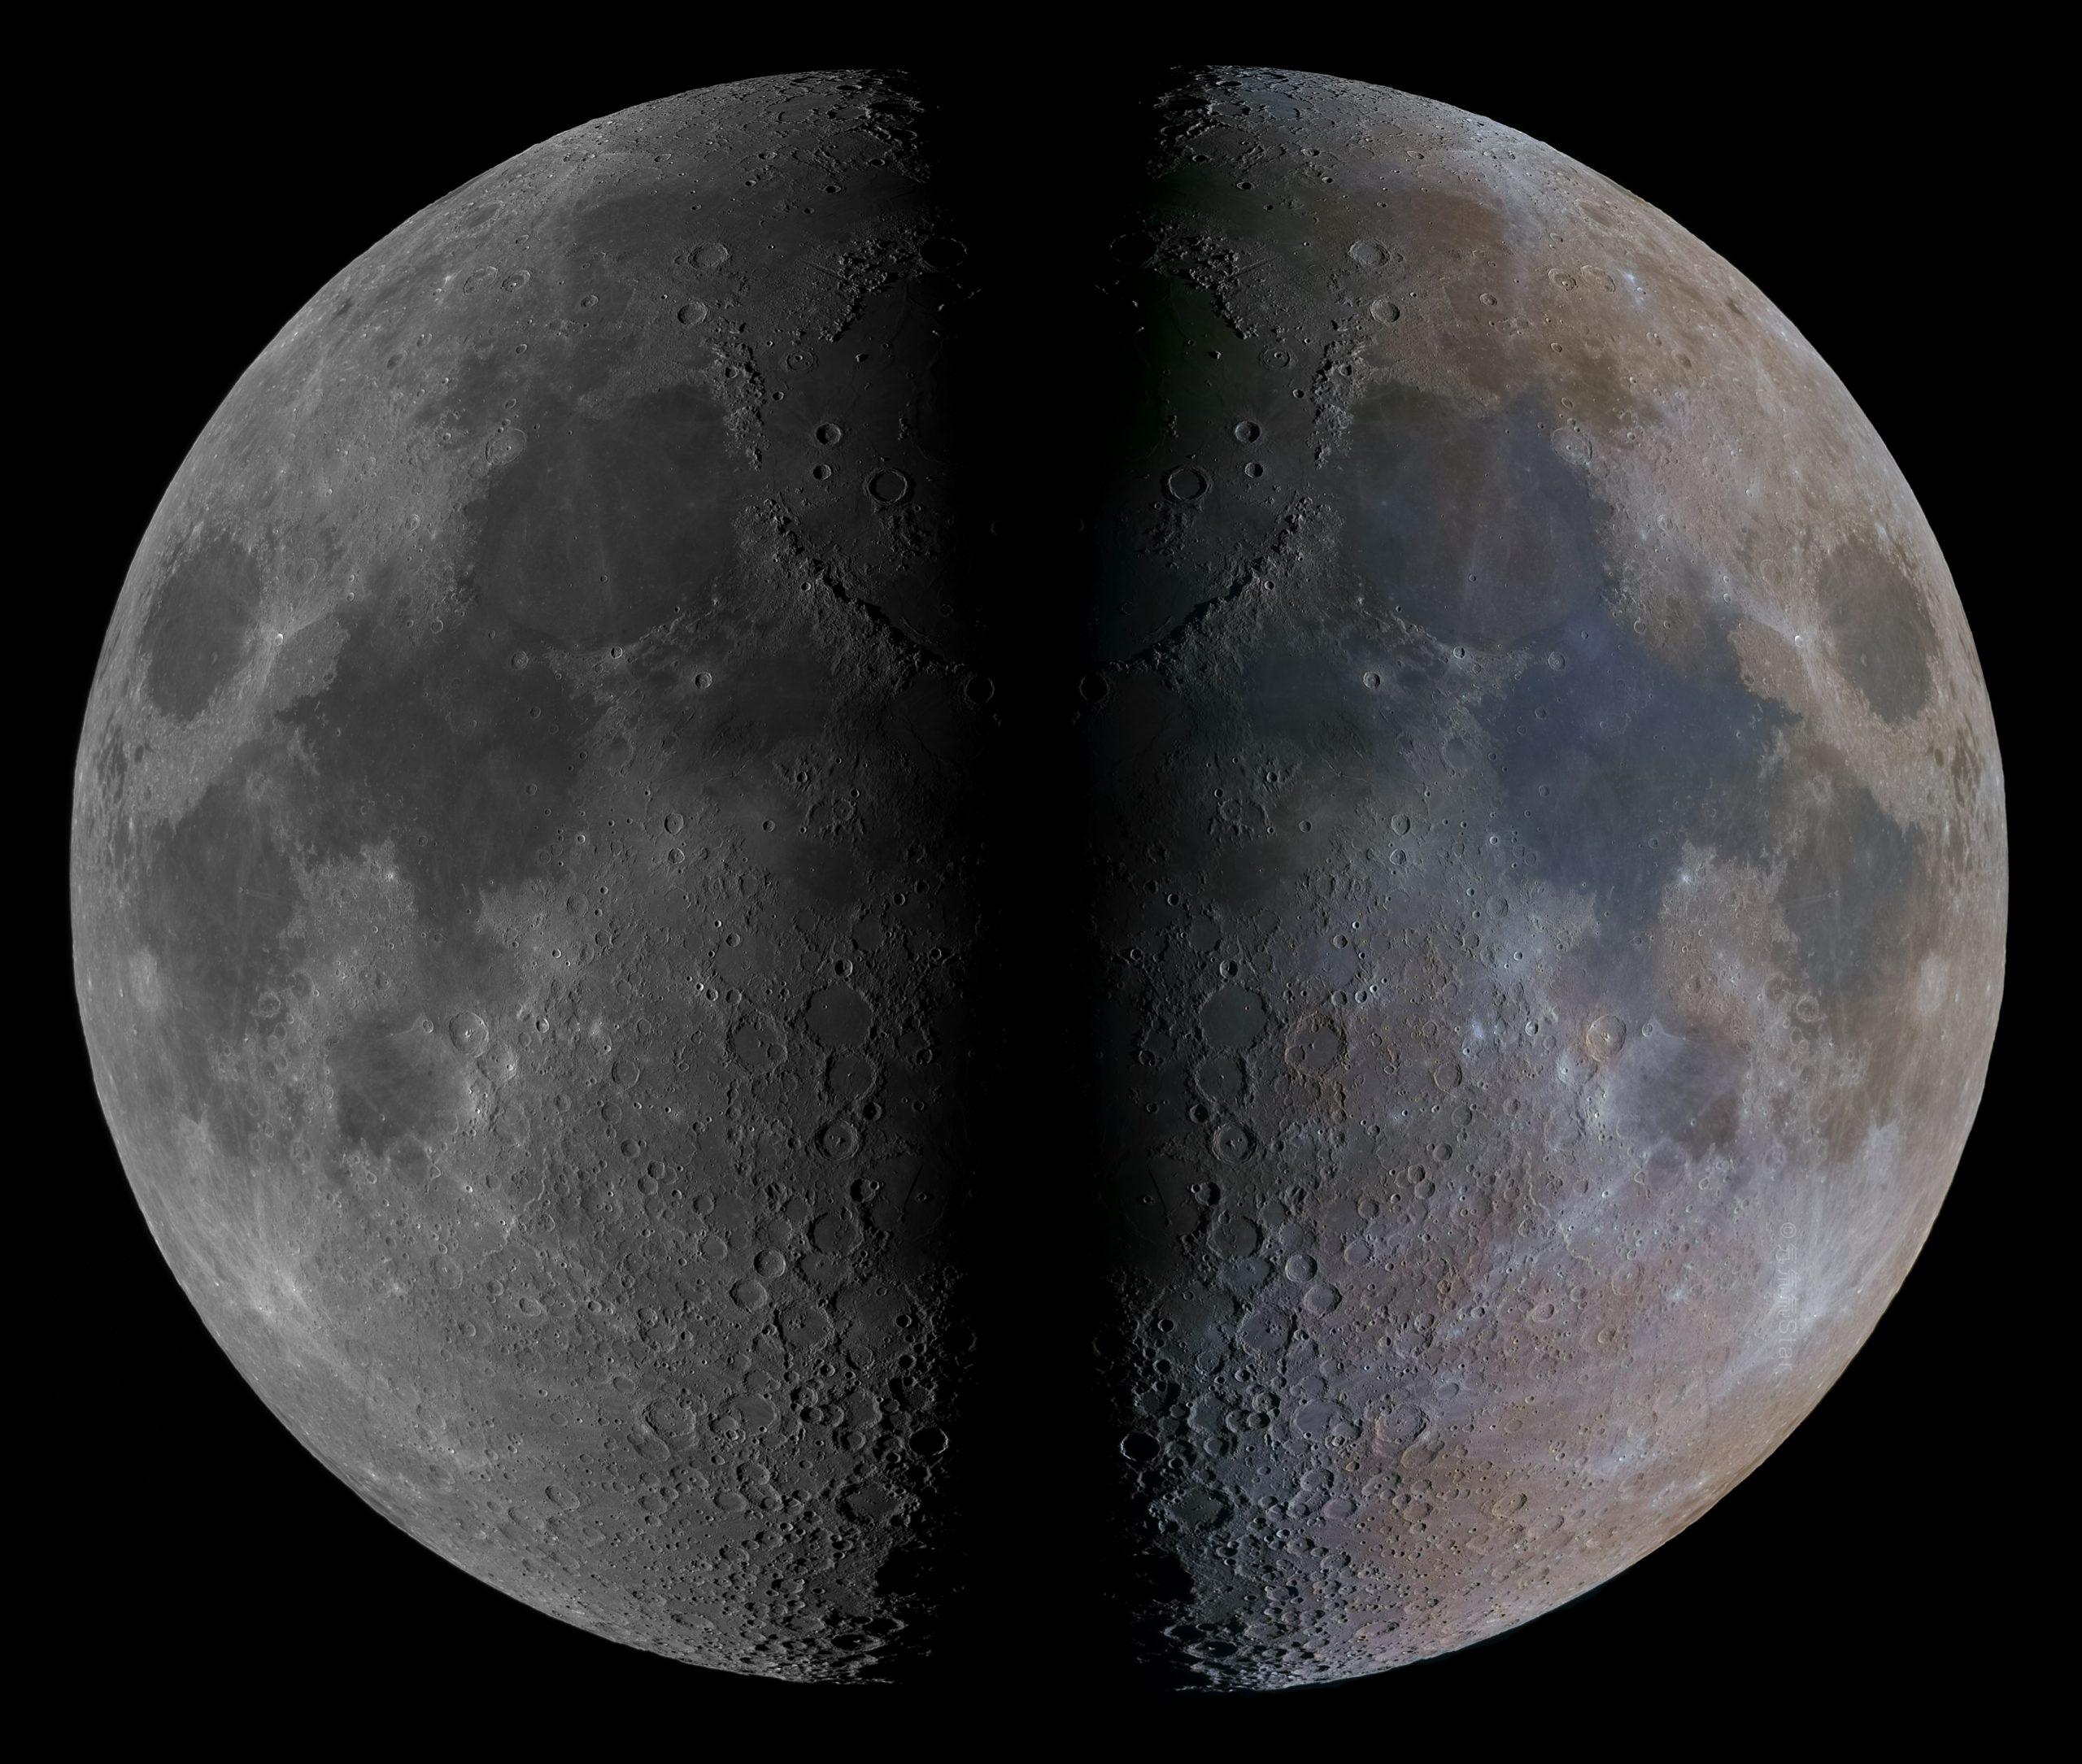 Lunar mosaic is more efficient